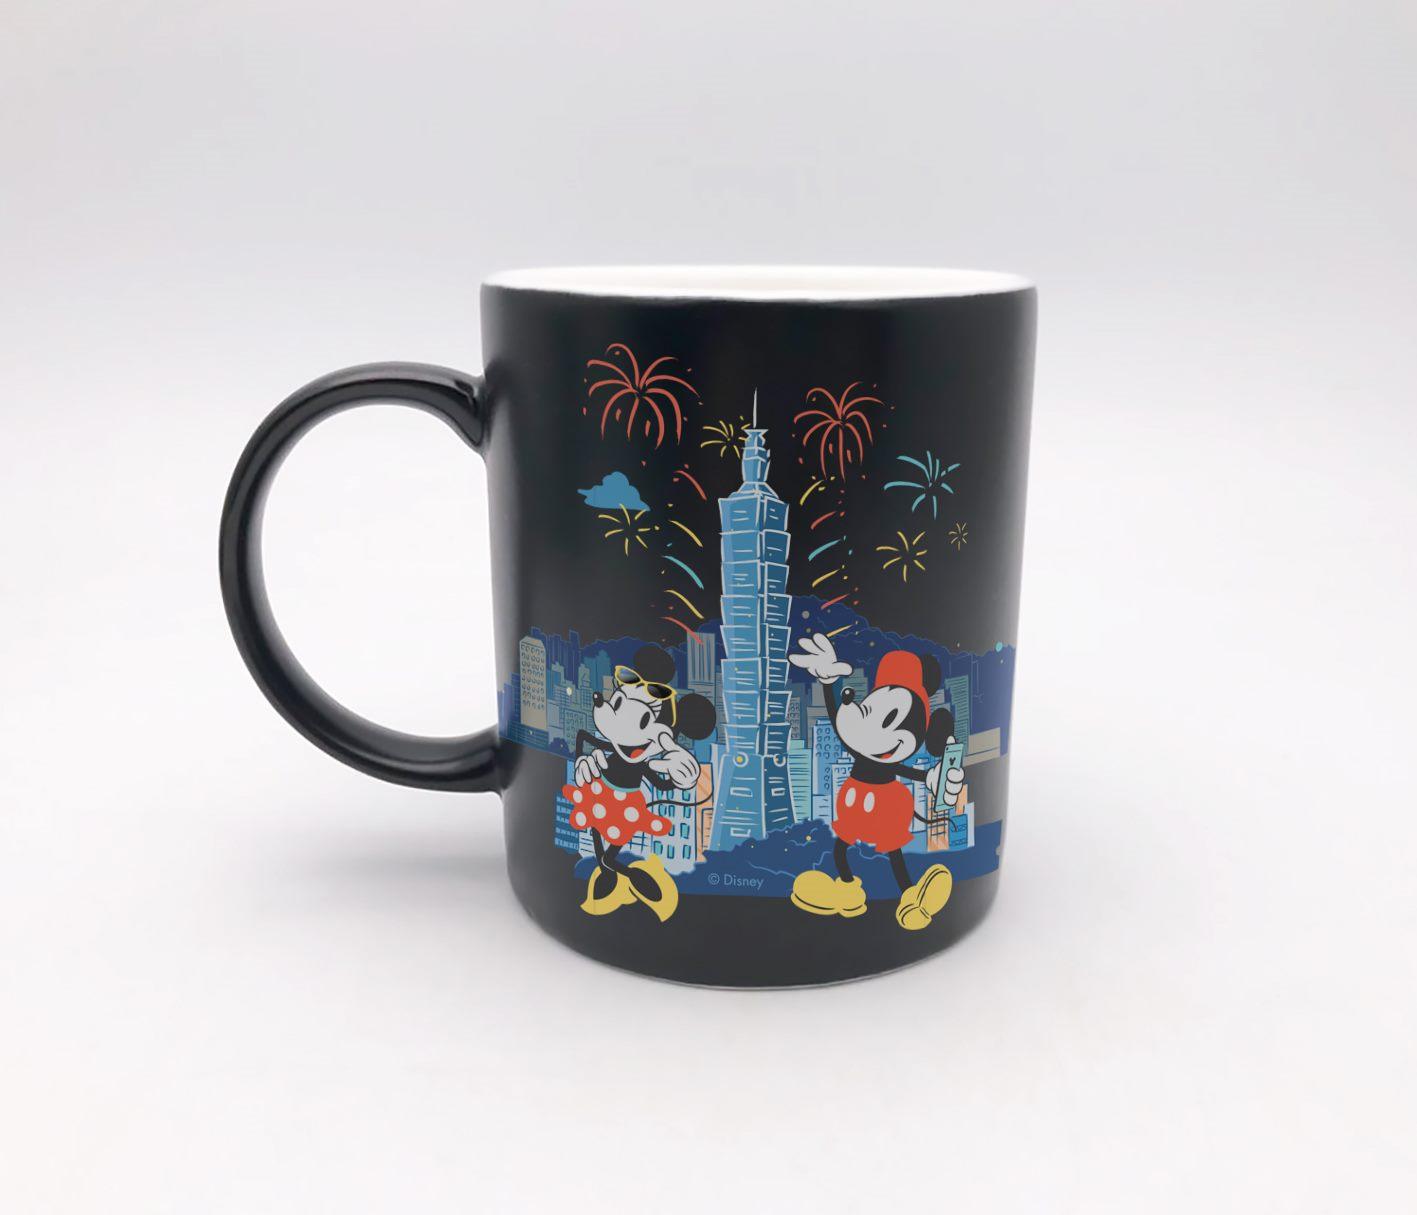 限量款馬克杯,以101煙火及深底色作為配色,讓台北的夜空更顯璀璨